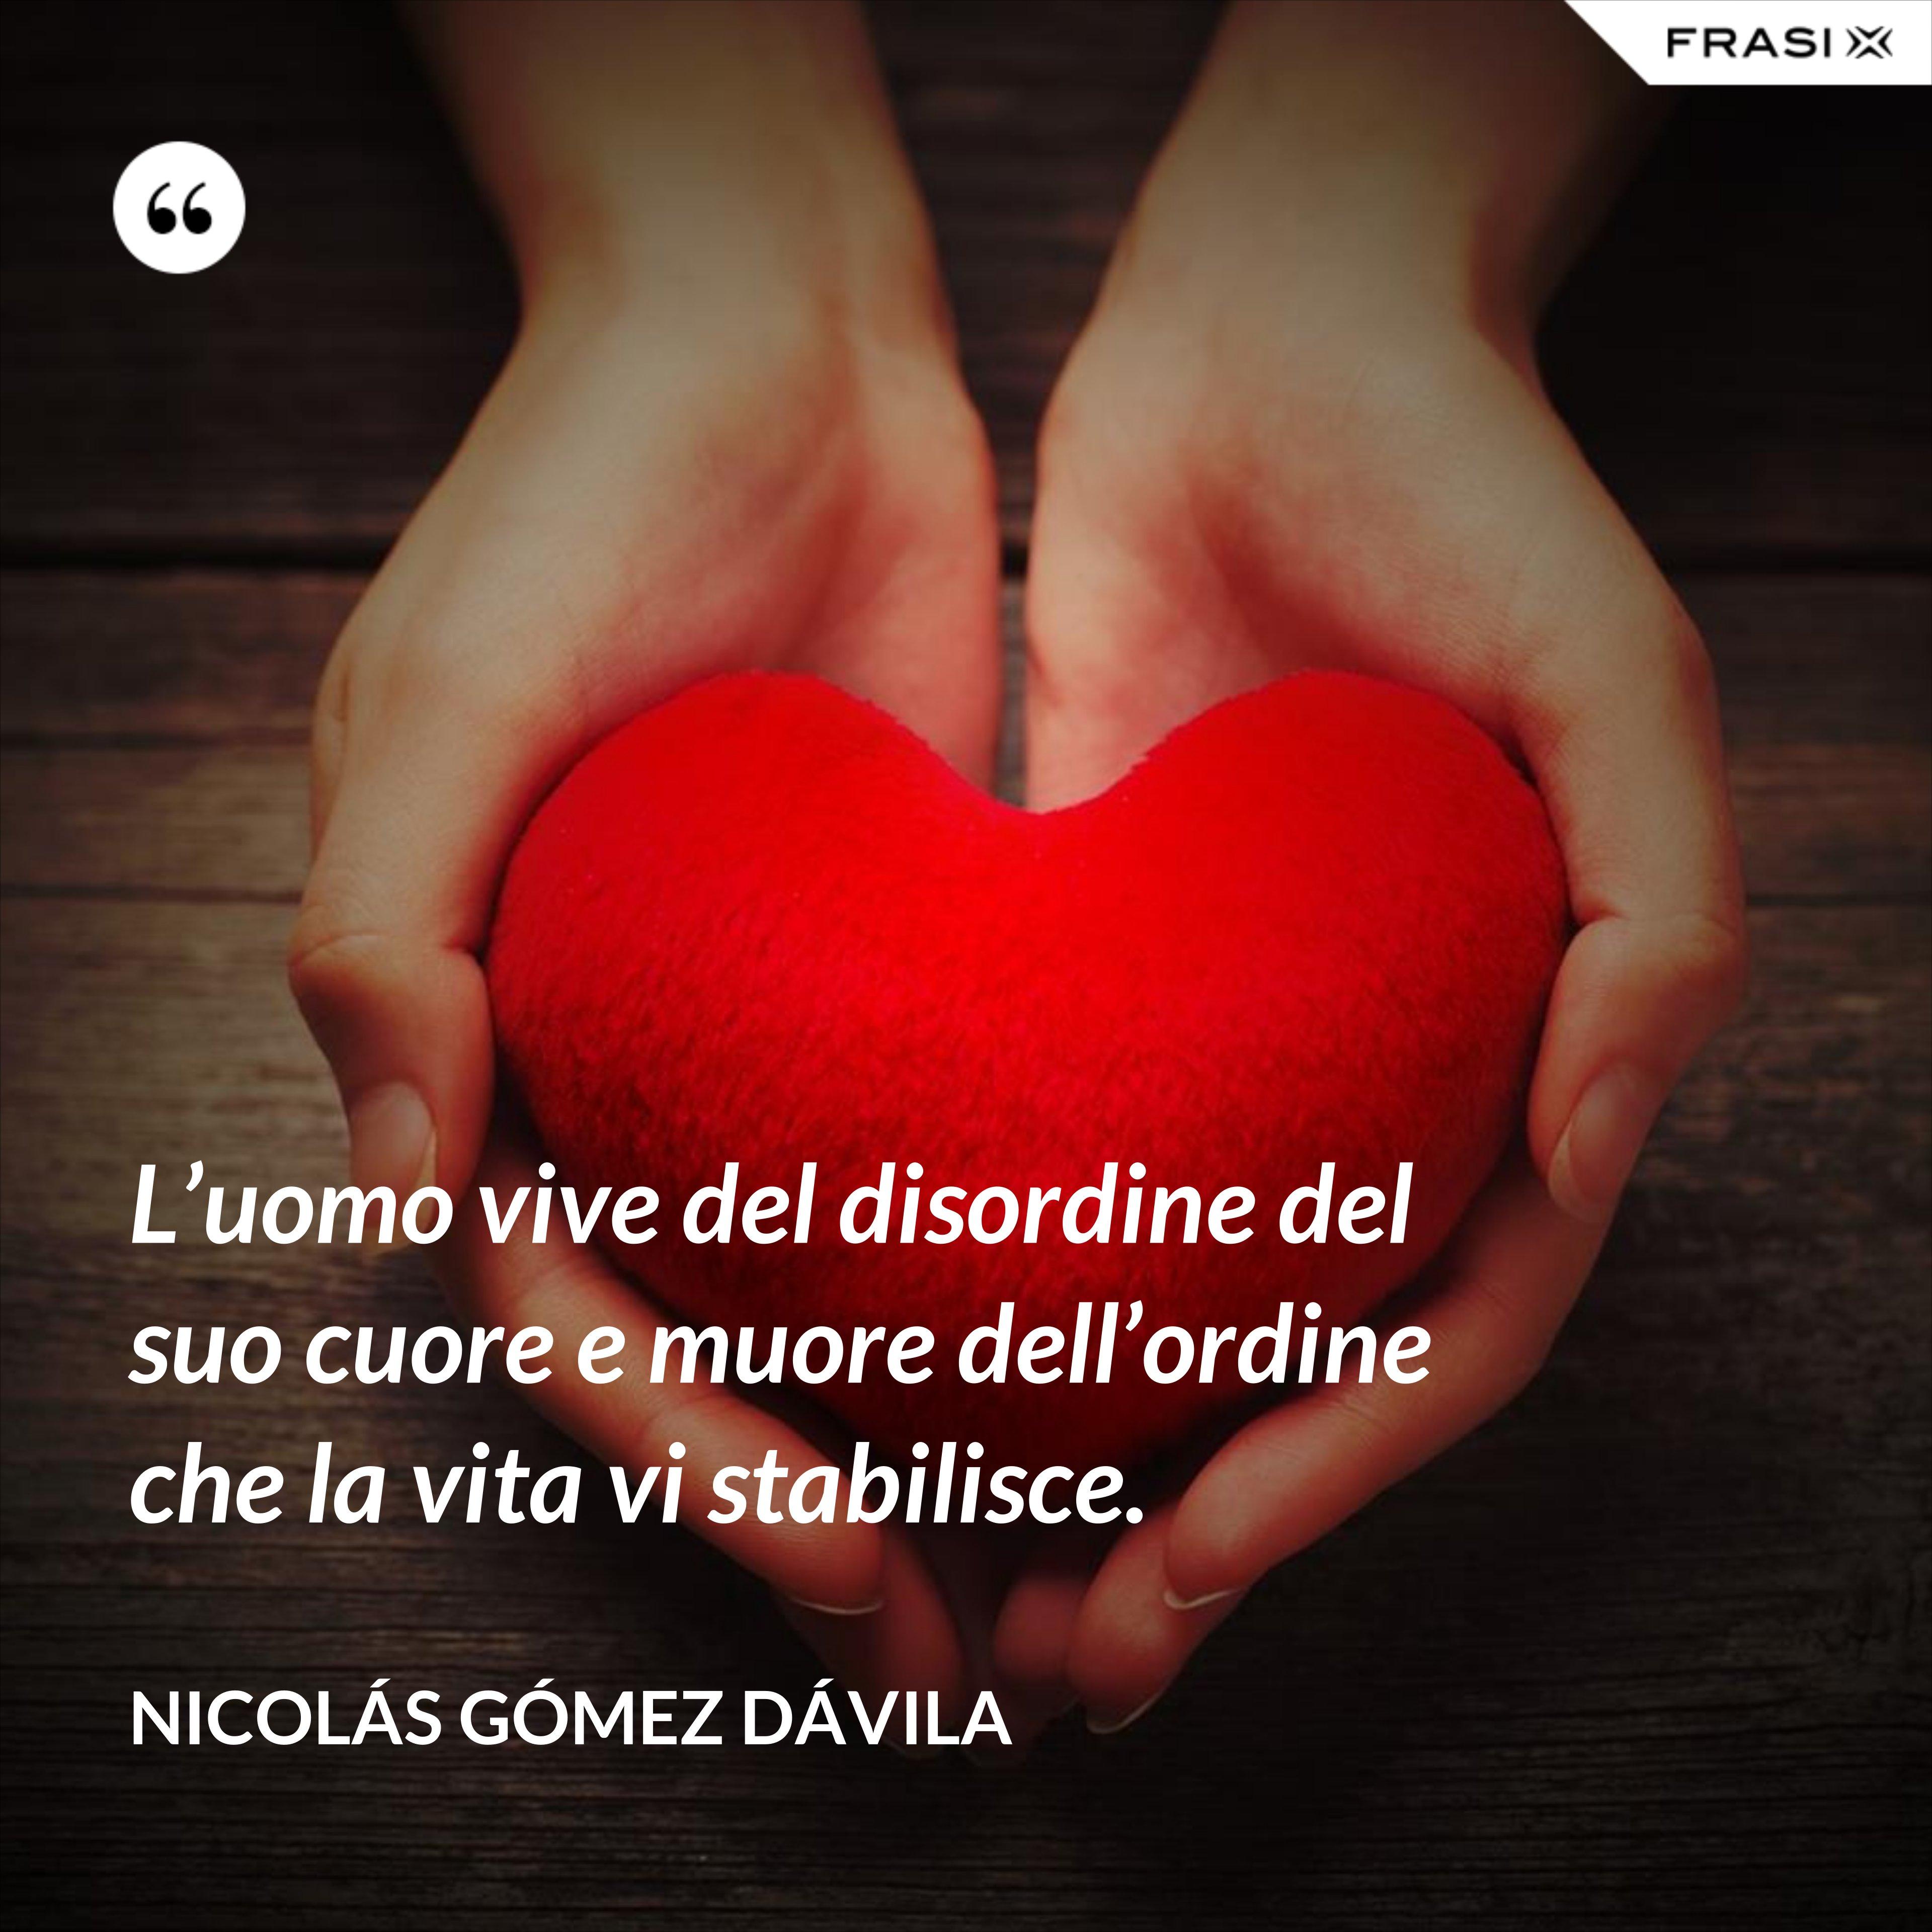 L'uomo vive del disordine del suo cuore e muore dell'ordine che la vita vi stabilisce. - Nicolás Gómez Dávila